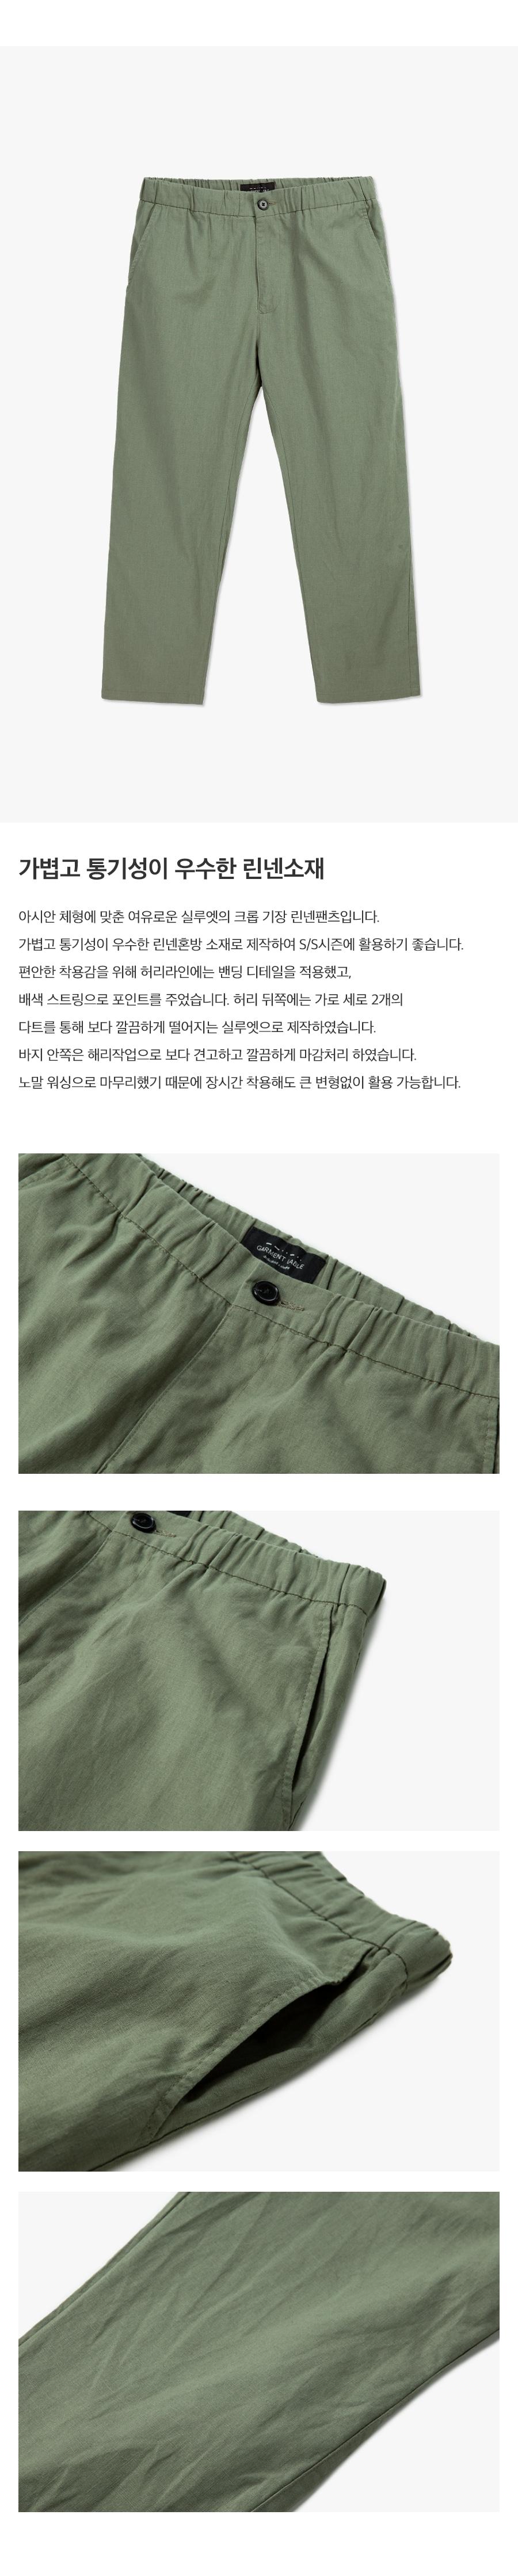 가먼트레이블(GARMENT LABLE) Tapered Banding Pants - Khaki